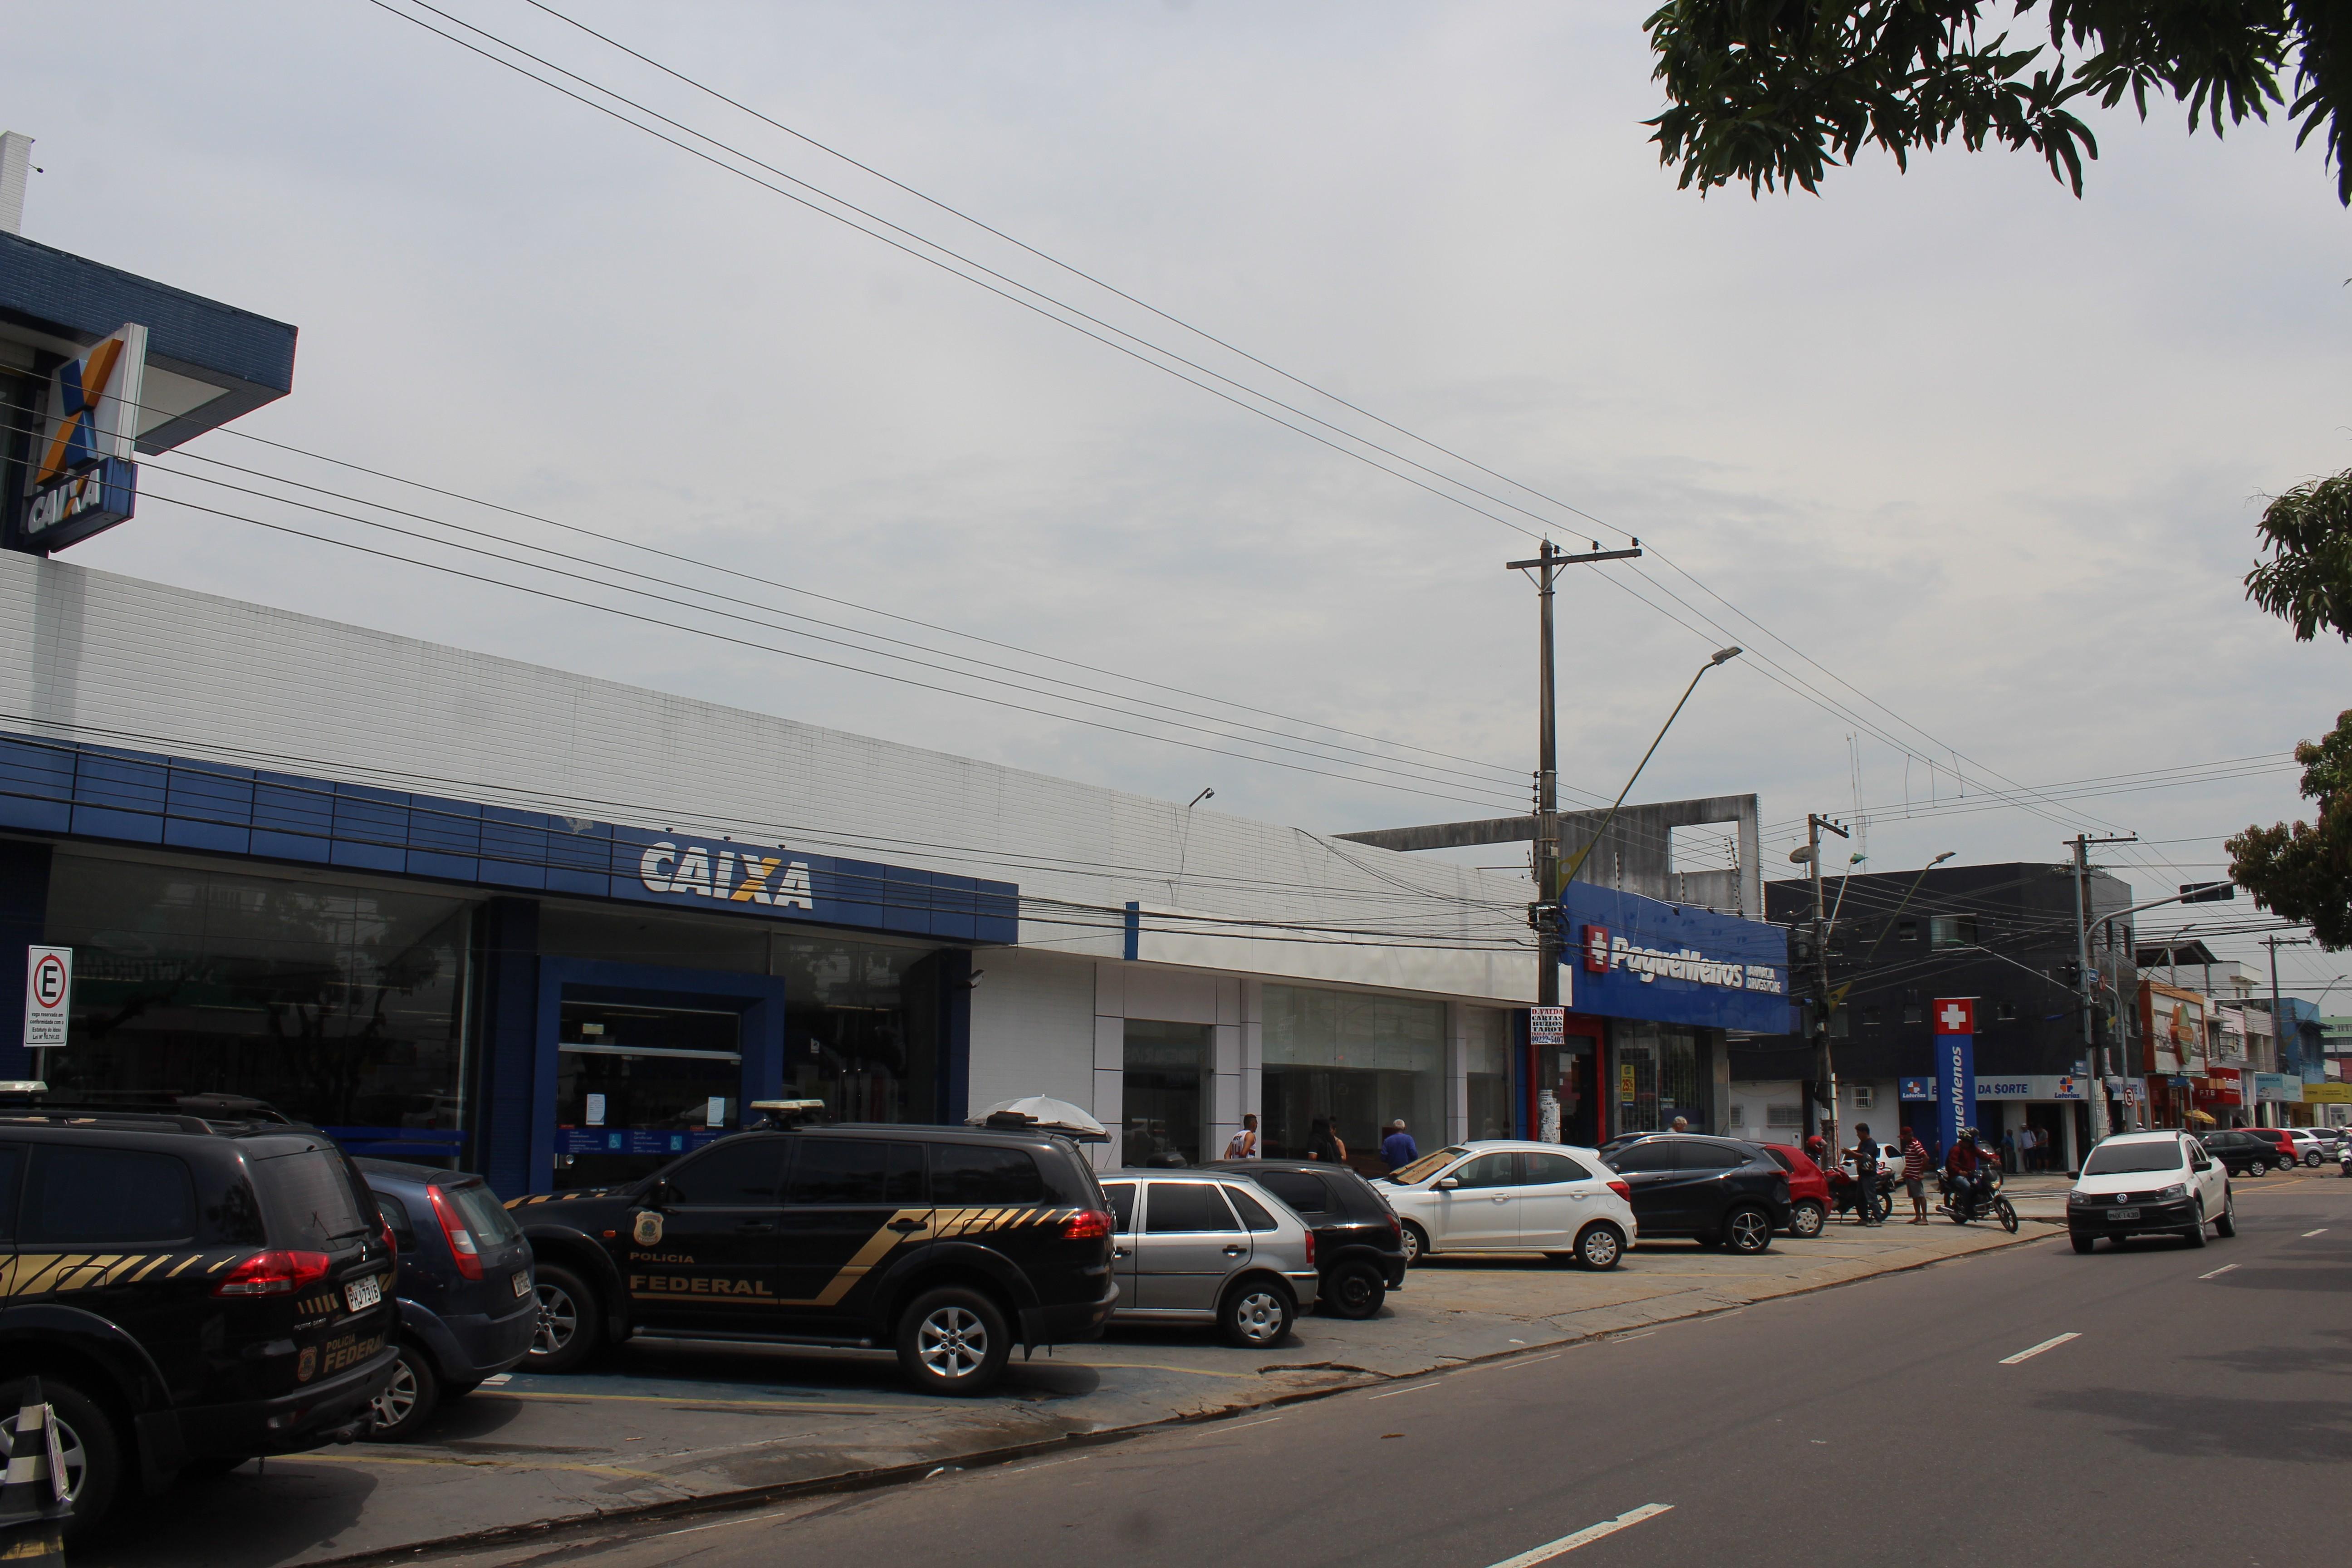 Suspeitos invadem prédio e arrombam cofre de agência bancária na Cachoeirinha, em Manaus - Notícias - Plantão Diário